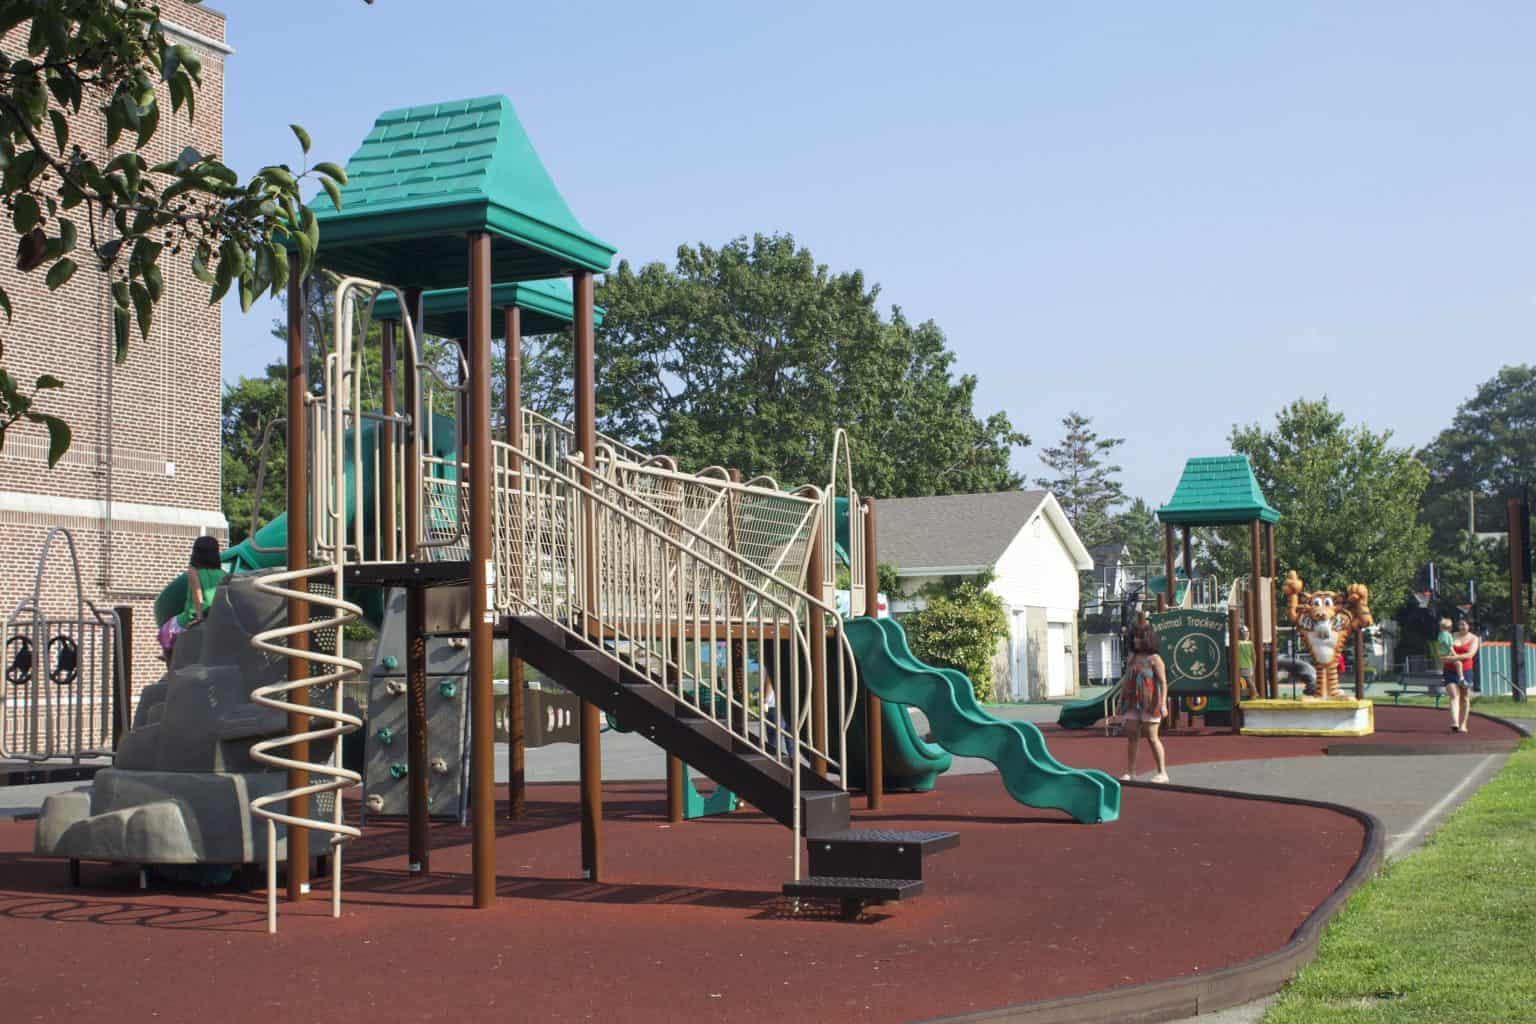 mountz-elementary-playground-spring-lake-nj_11654478136_o-1536x1024